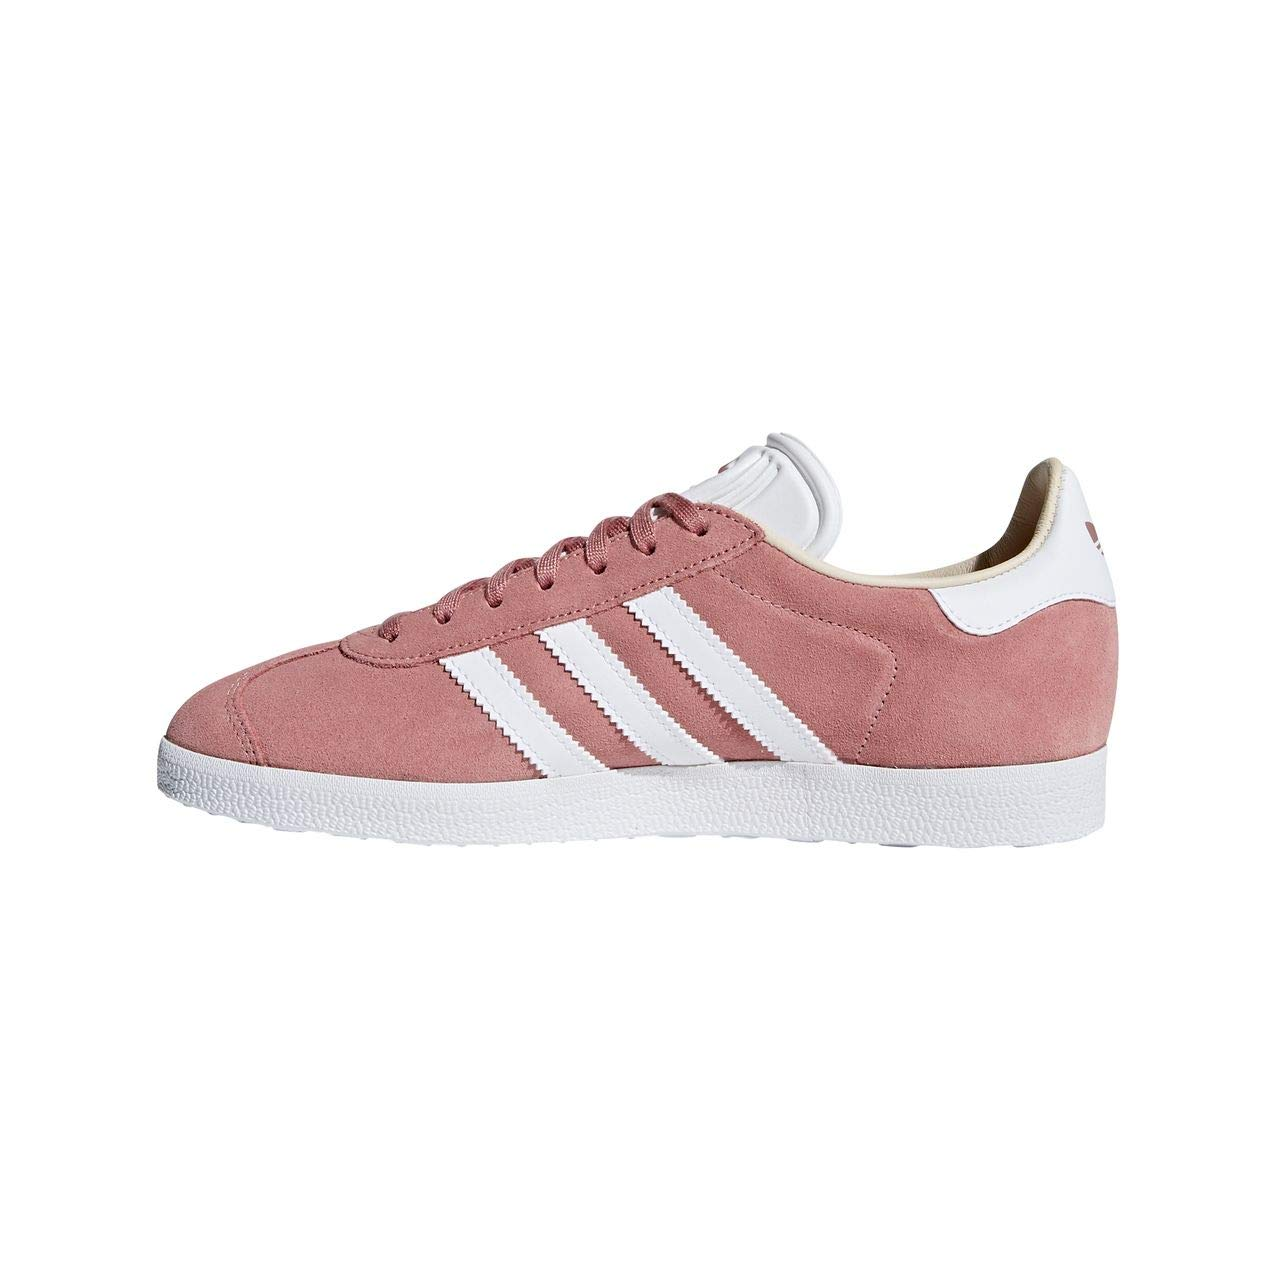 FIBBII Oferta Adidas Swift Run